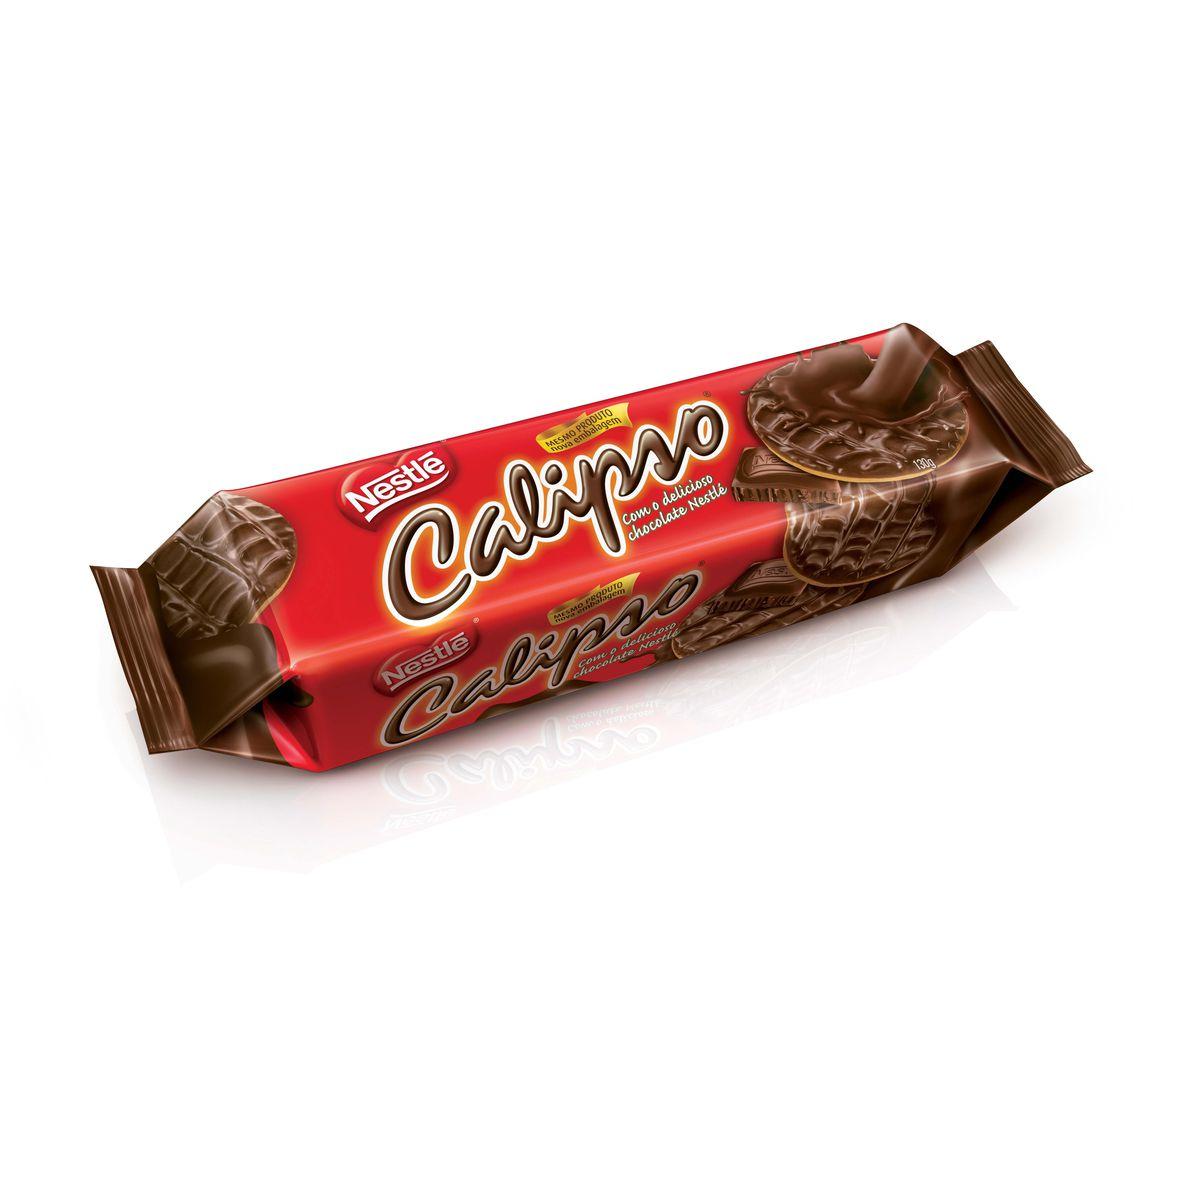 Biscoito Calipso Chocolate Ao Leite Nestlé - 130g -